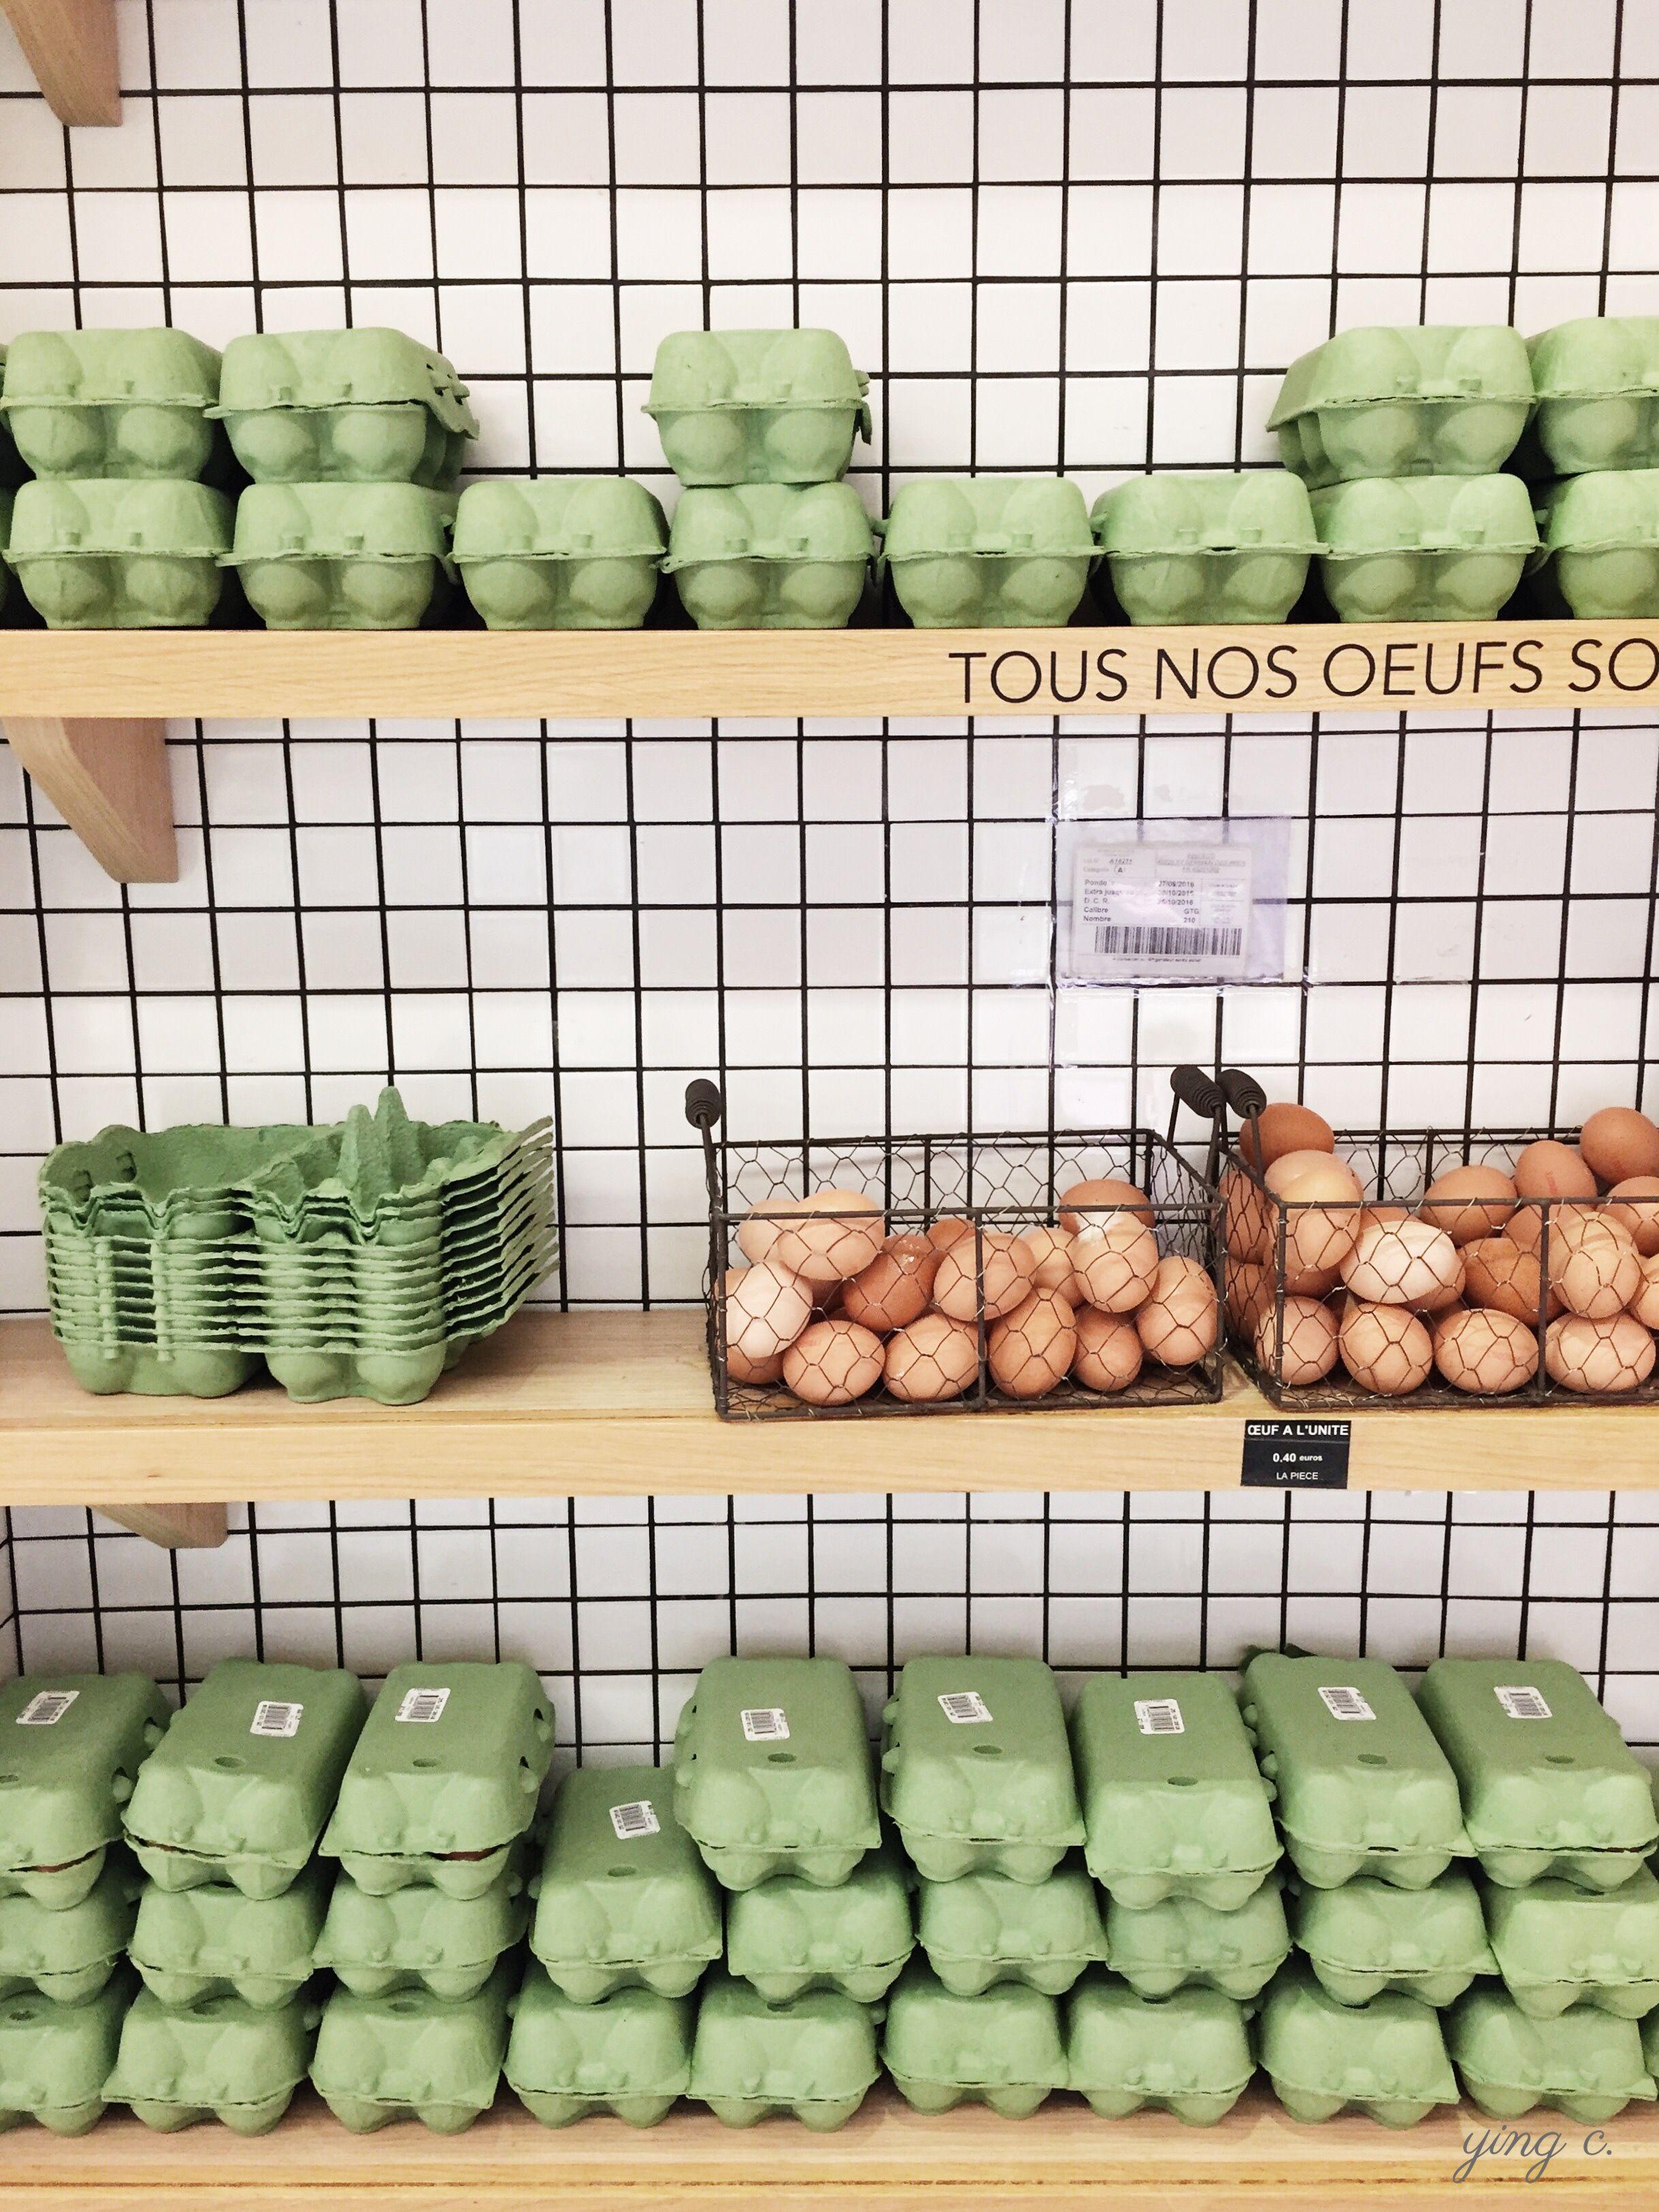 圖5. 巴黎  Le Bon Marché  百貨公司的食品超市  La Grande Epicerie  裡的蛋架。(攝影:Ying Chen)